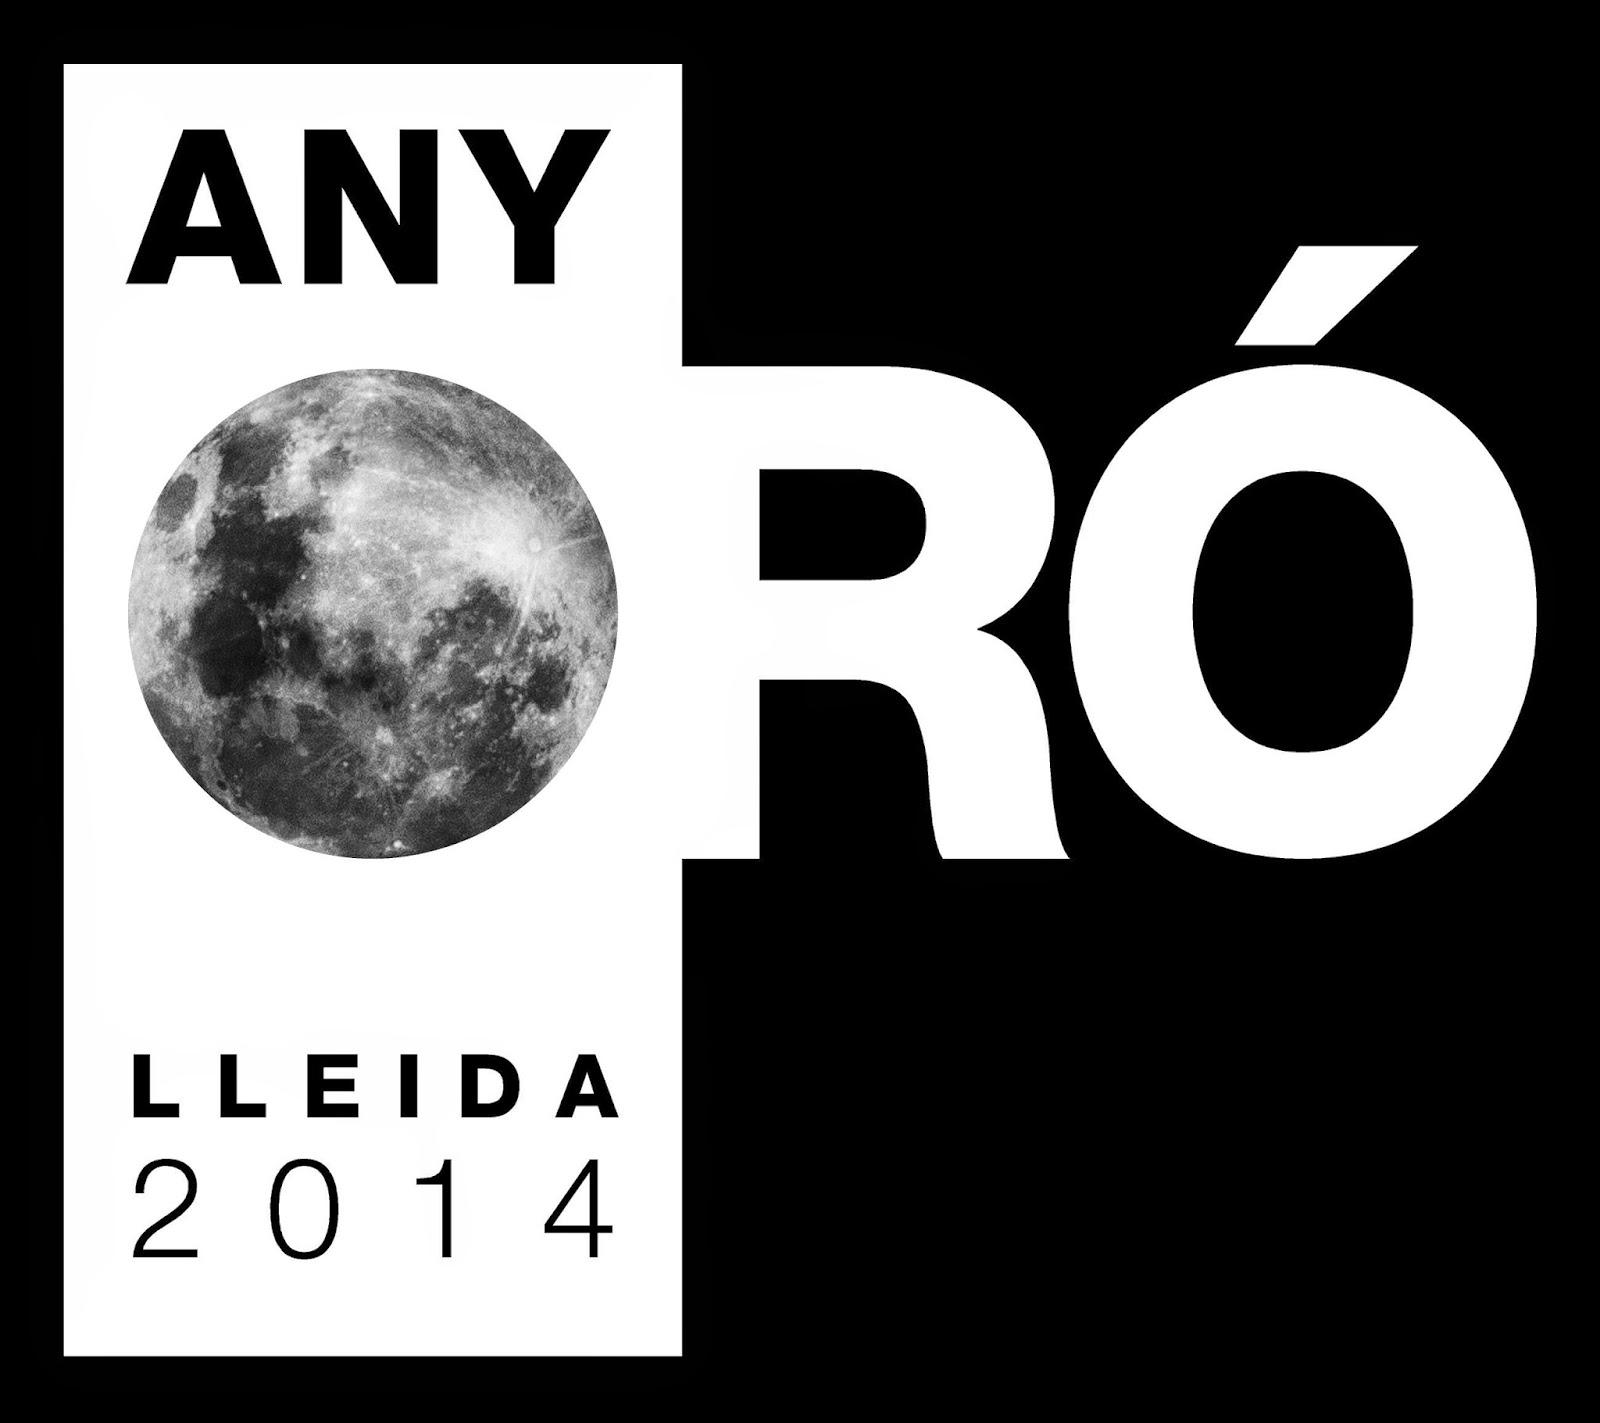 Resumen final y agradecimientos para @GigabyteSPAIN y @HPEspana en la Expo Joan Oró 2014 de #lleida